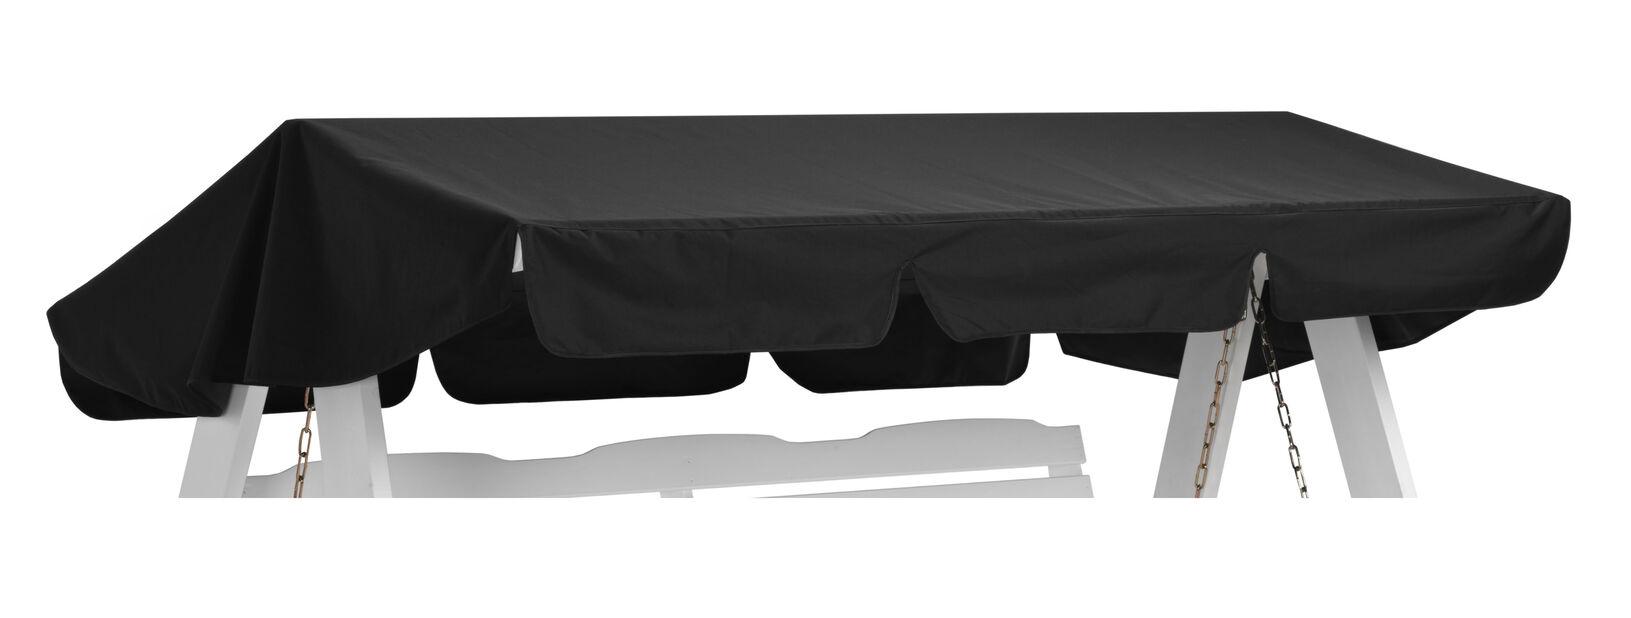 Hammocktak Dalom, svart, Lengde 191 cm, Svart